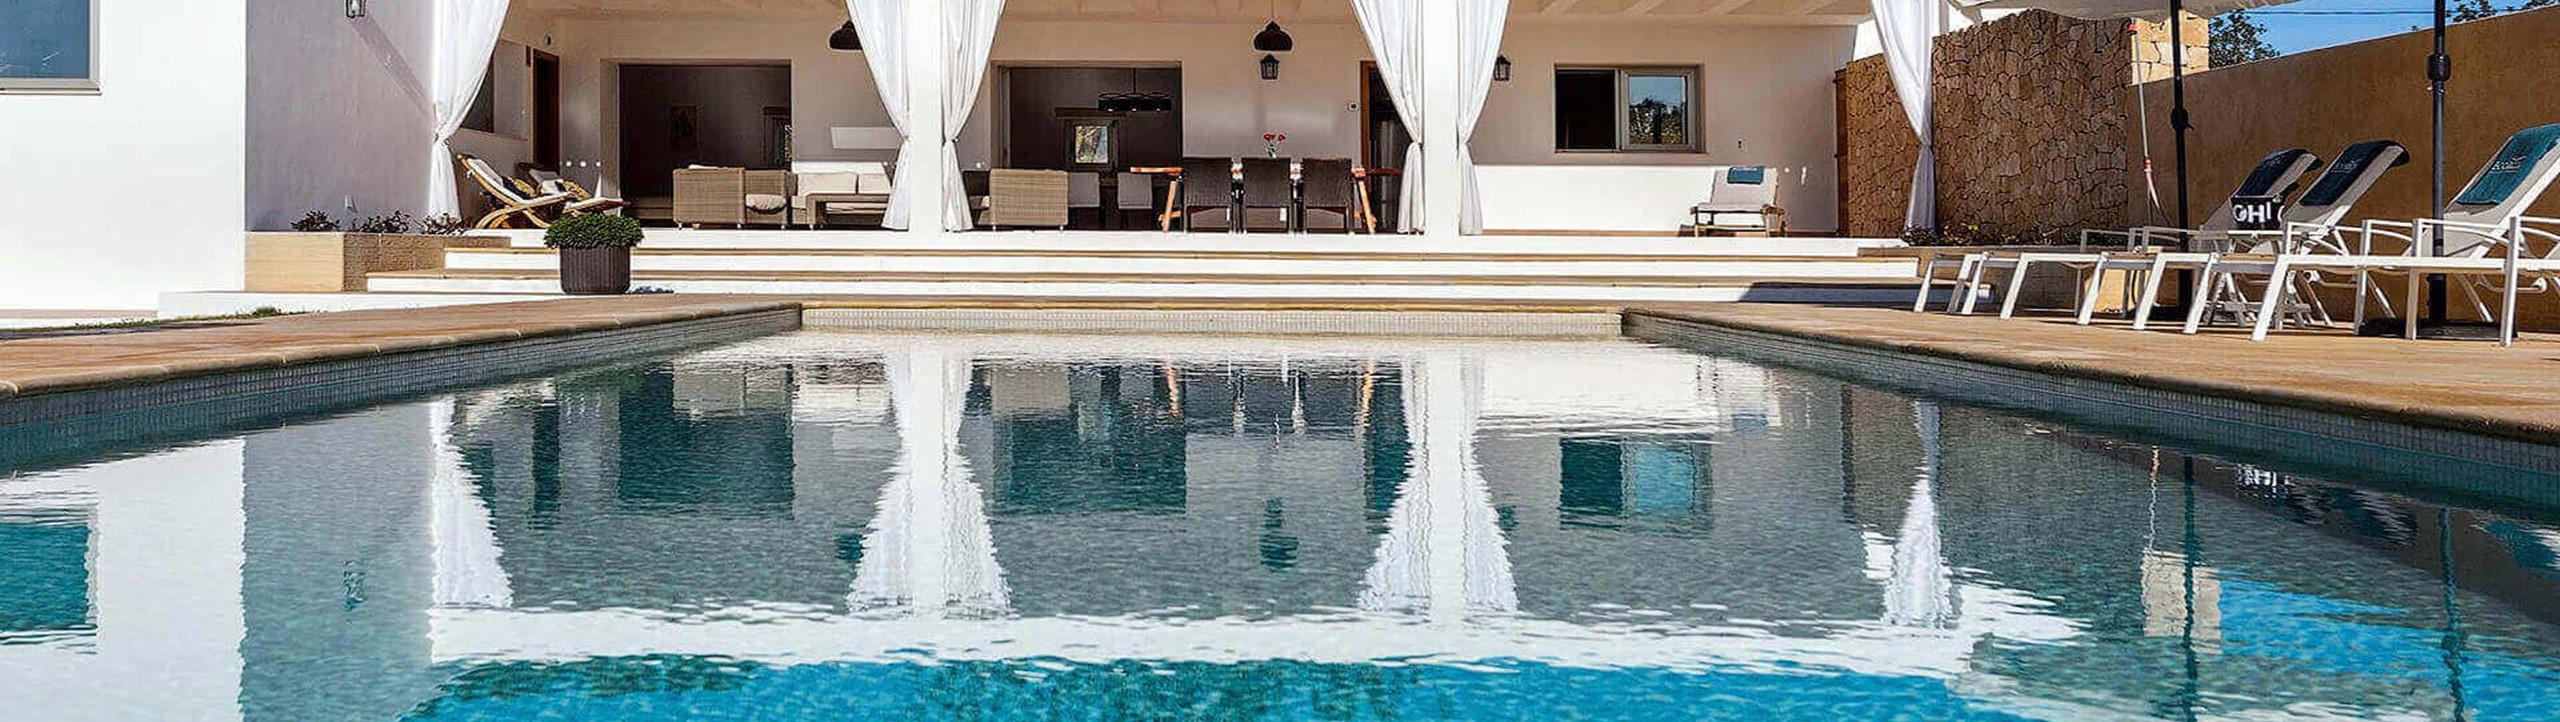 Can Vinyes Ibiza 1 Near Santa Gertrudis